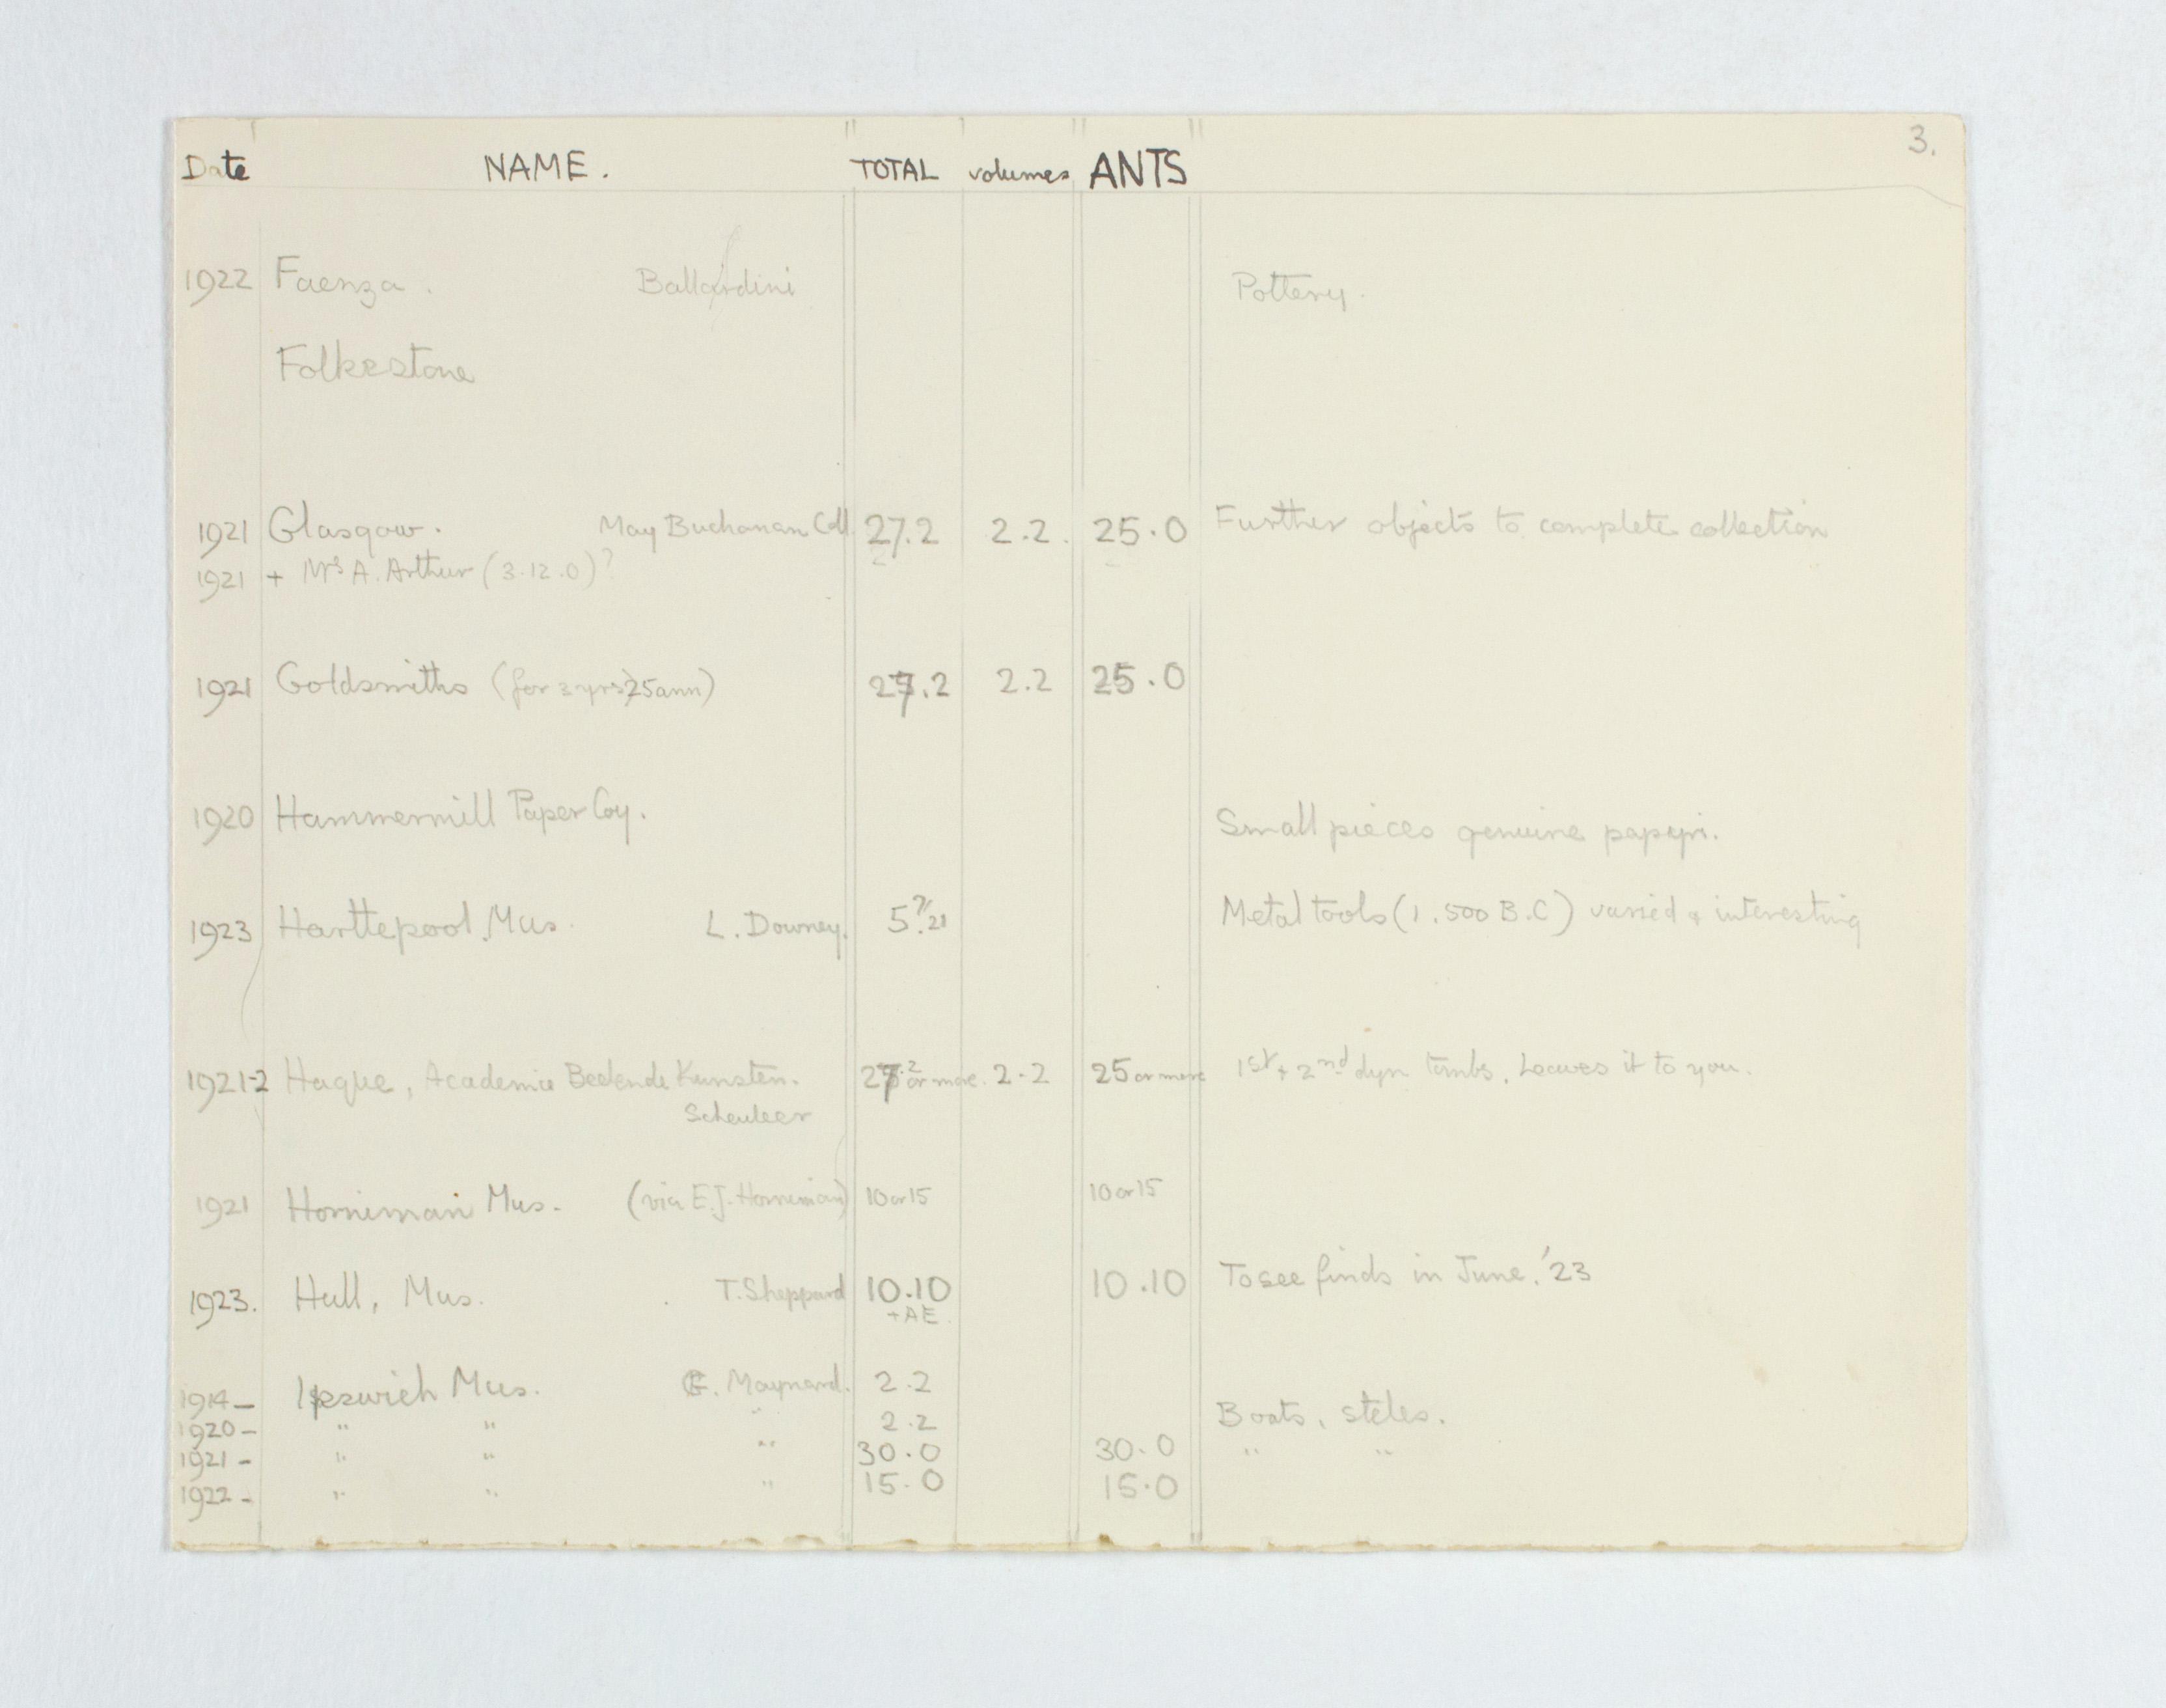 1922-23 Qau el-Kebir Multiple institution list PMA/WFP1/D/26/25.4